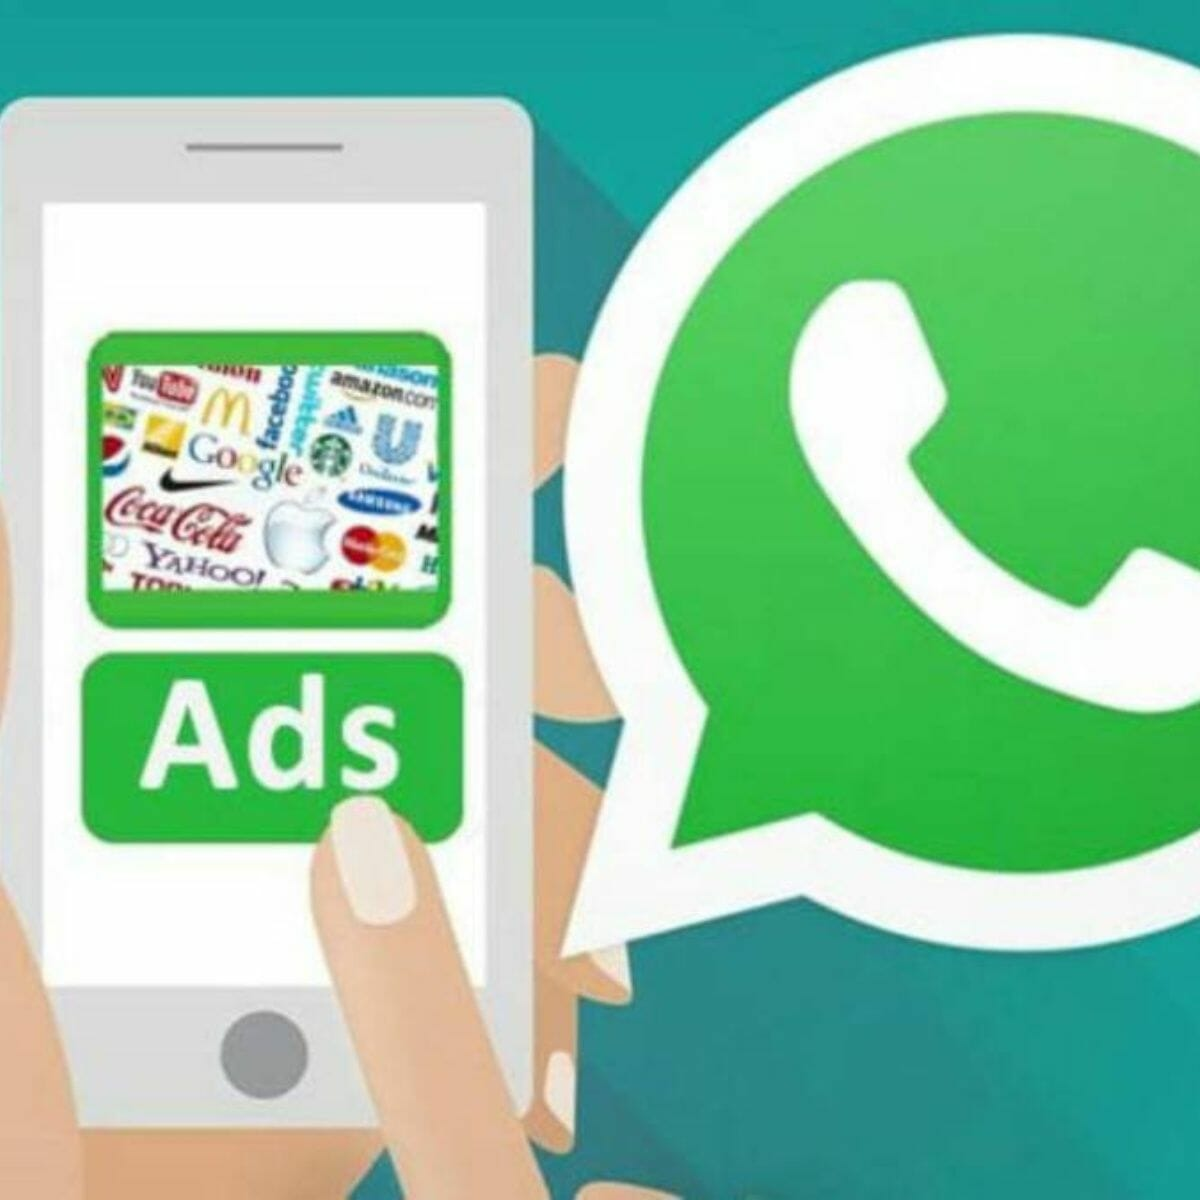 whatsapp mostrará publicidad en 2020